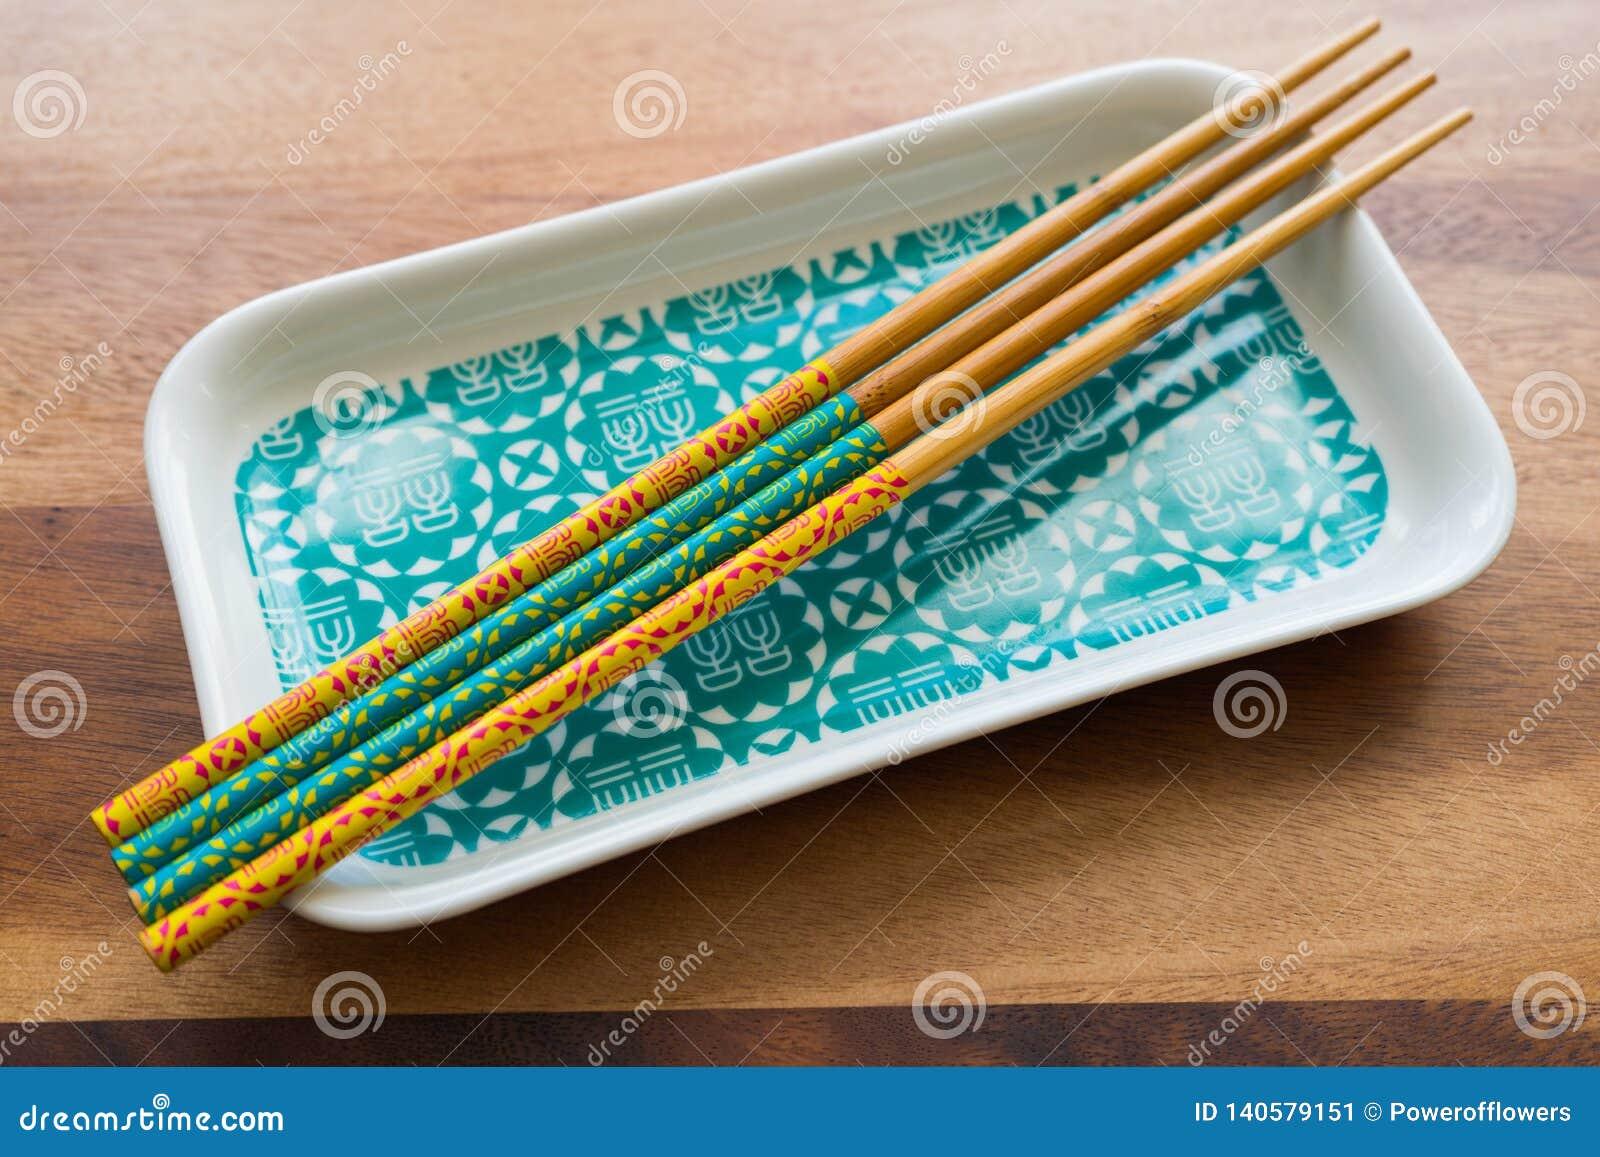 自然竹筷子和板材在木桌背景